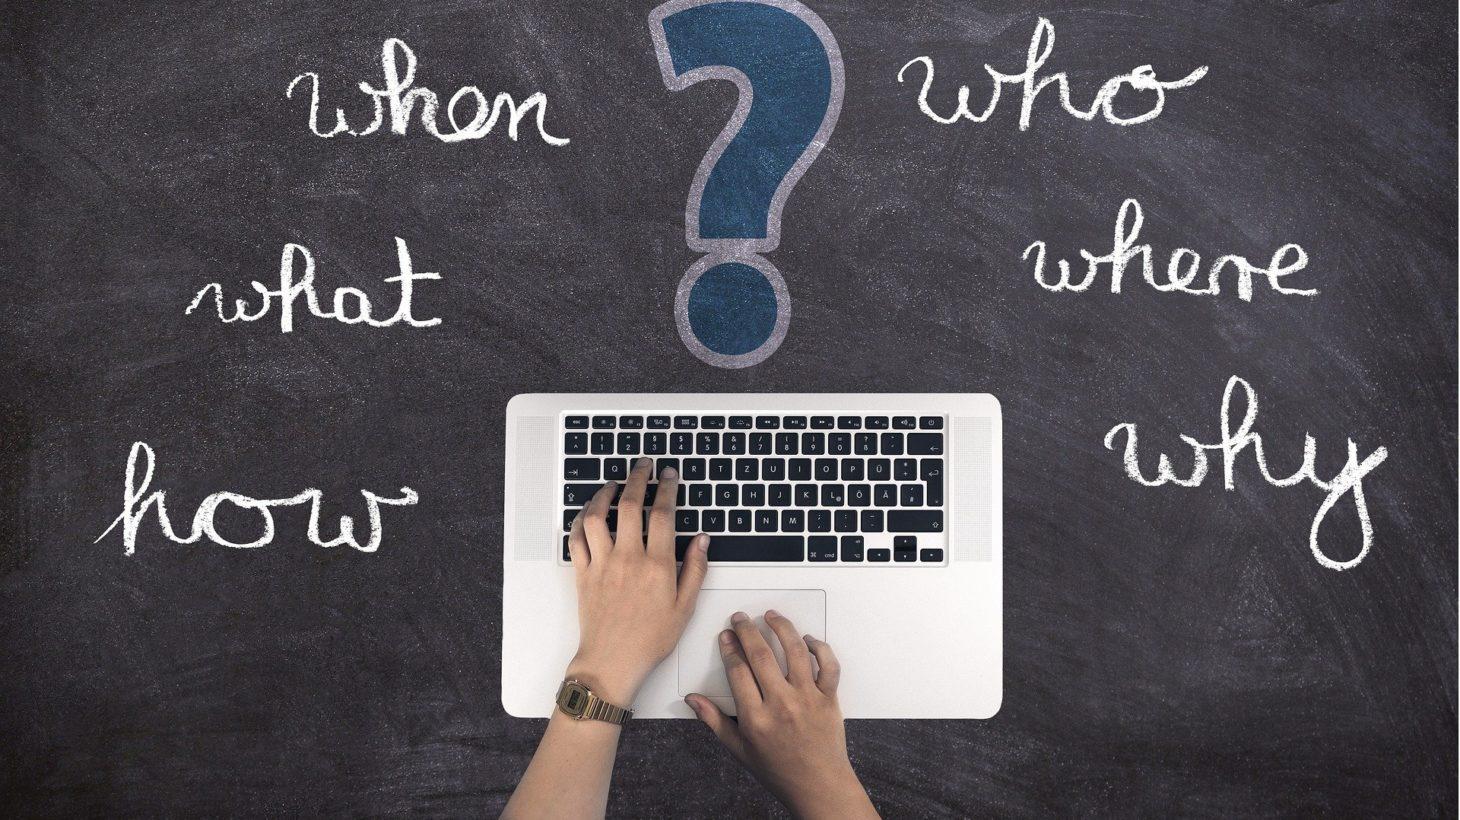 Engelska ord på en tavla och händer på ett tangentbord.